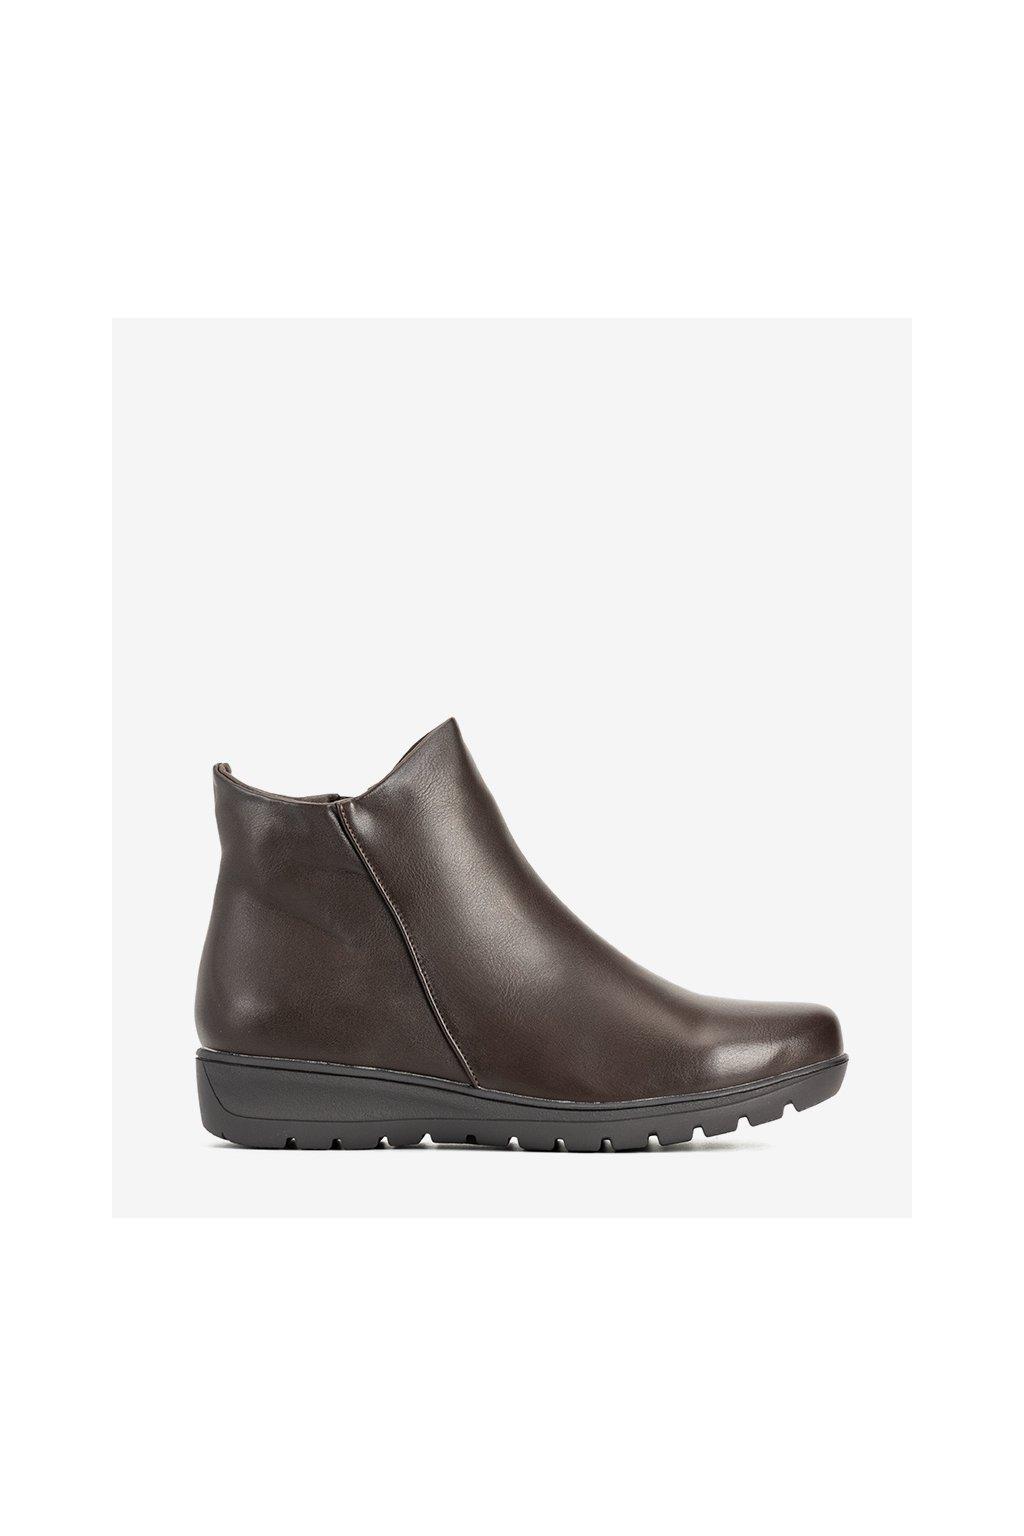 Dámske členkové topánky hnedé kód 9B1015 - GM